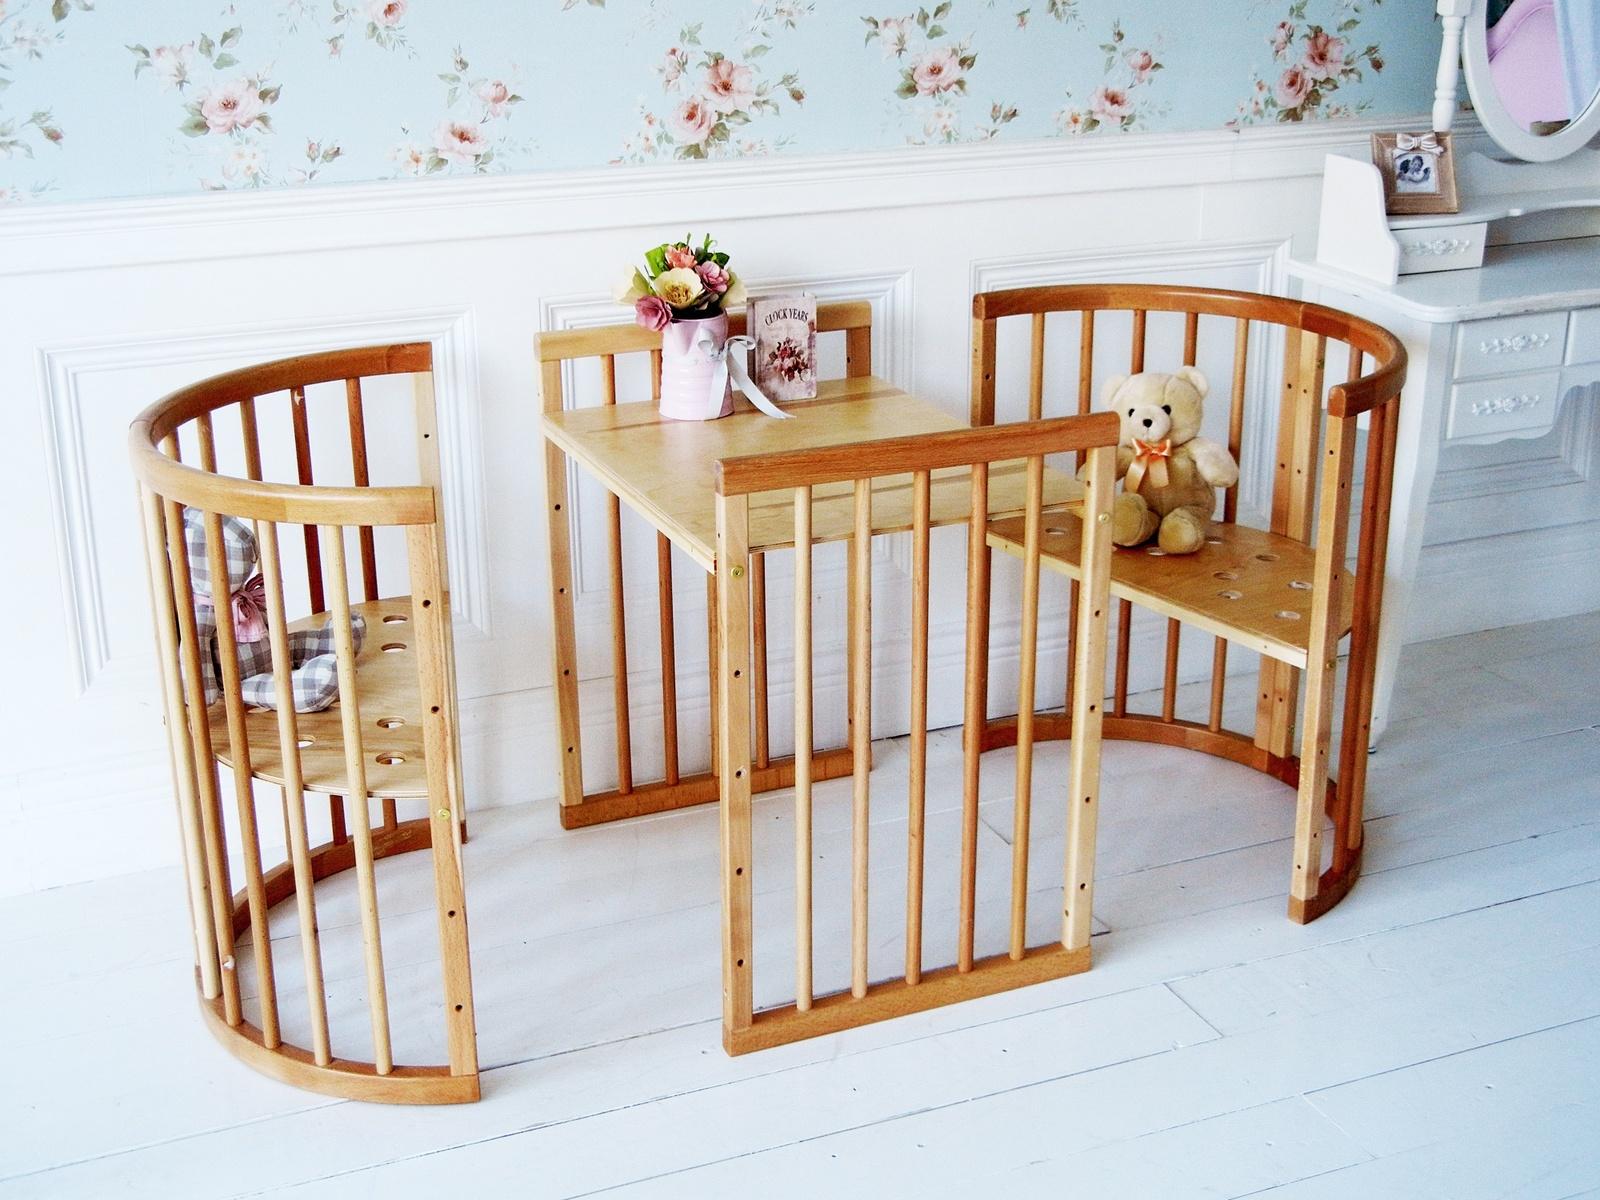 Благодаря всевозможным трансформациям овальная кроватка может видоизменяться и подстраиваться под возраст, рост и потребности вашего крохи.